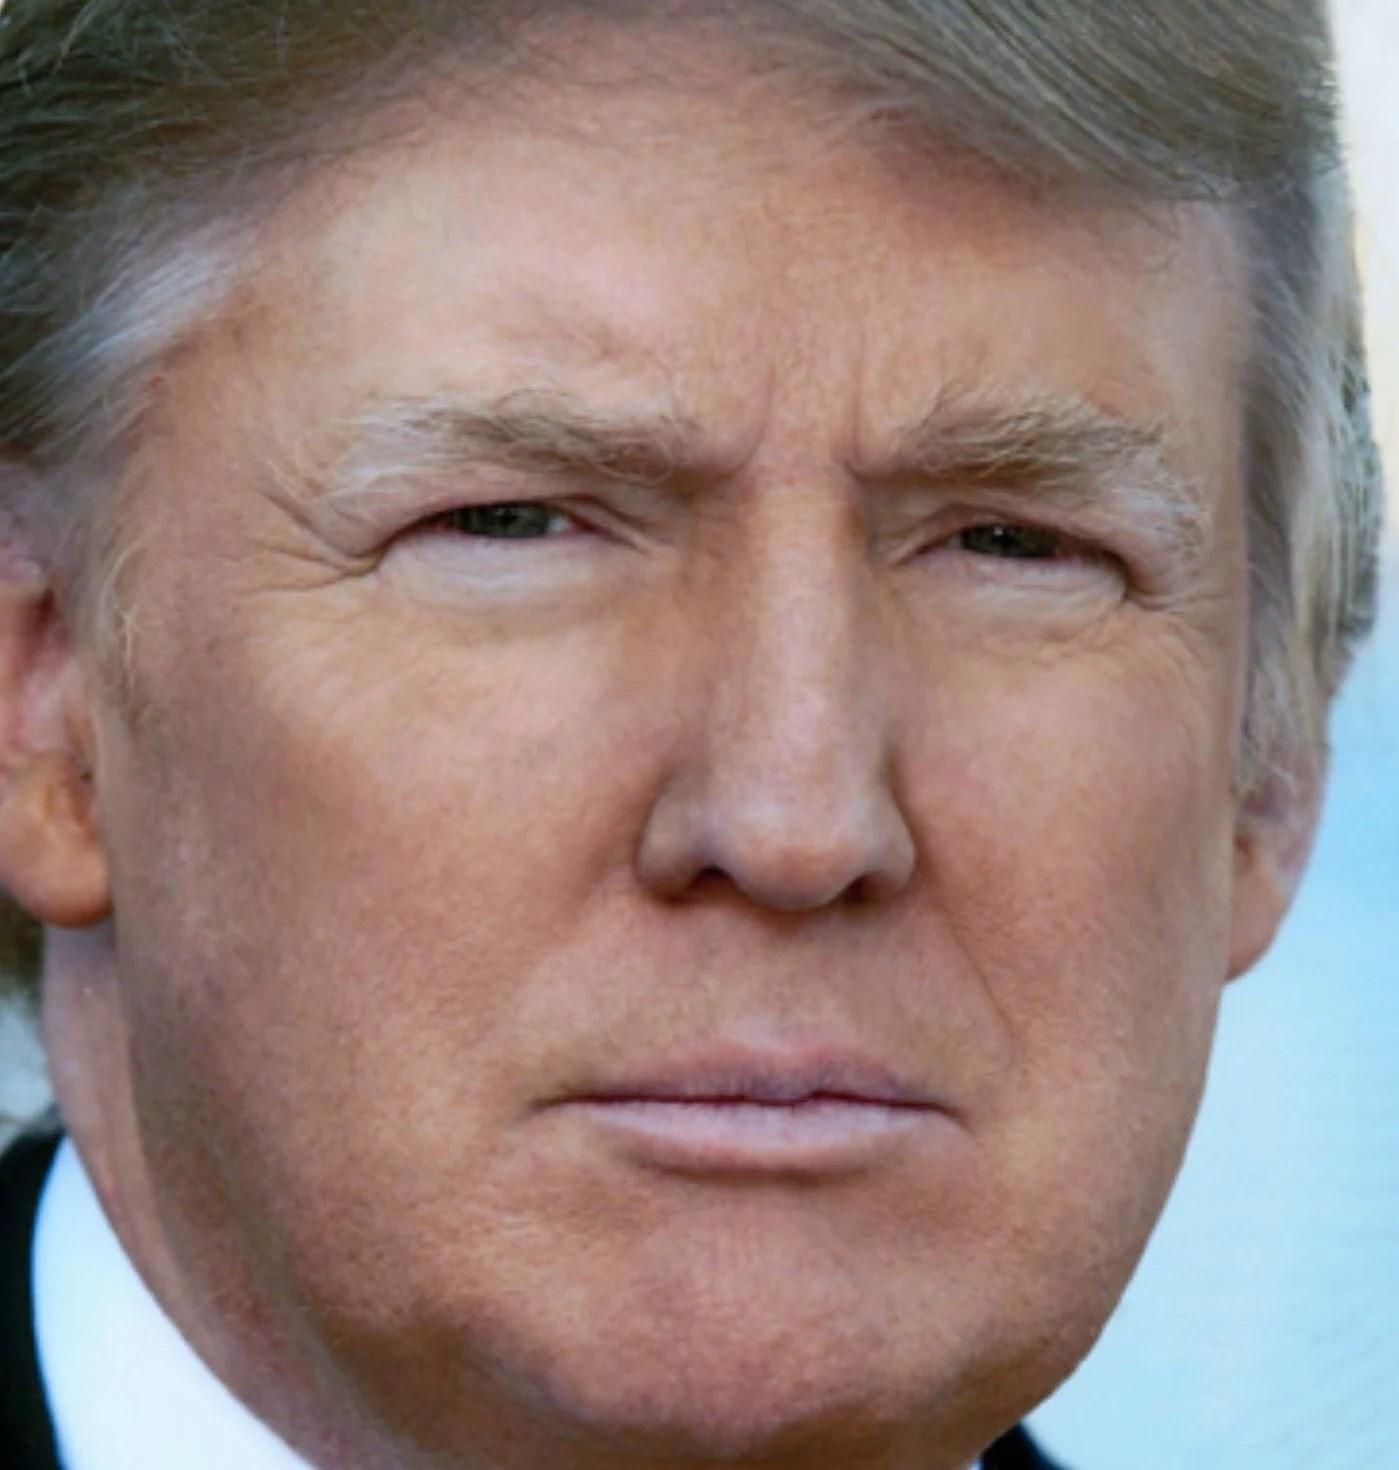 Donalds trump!